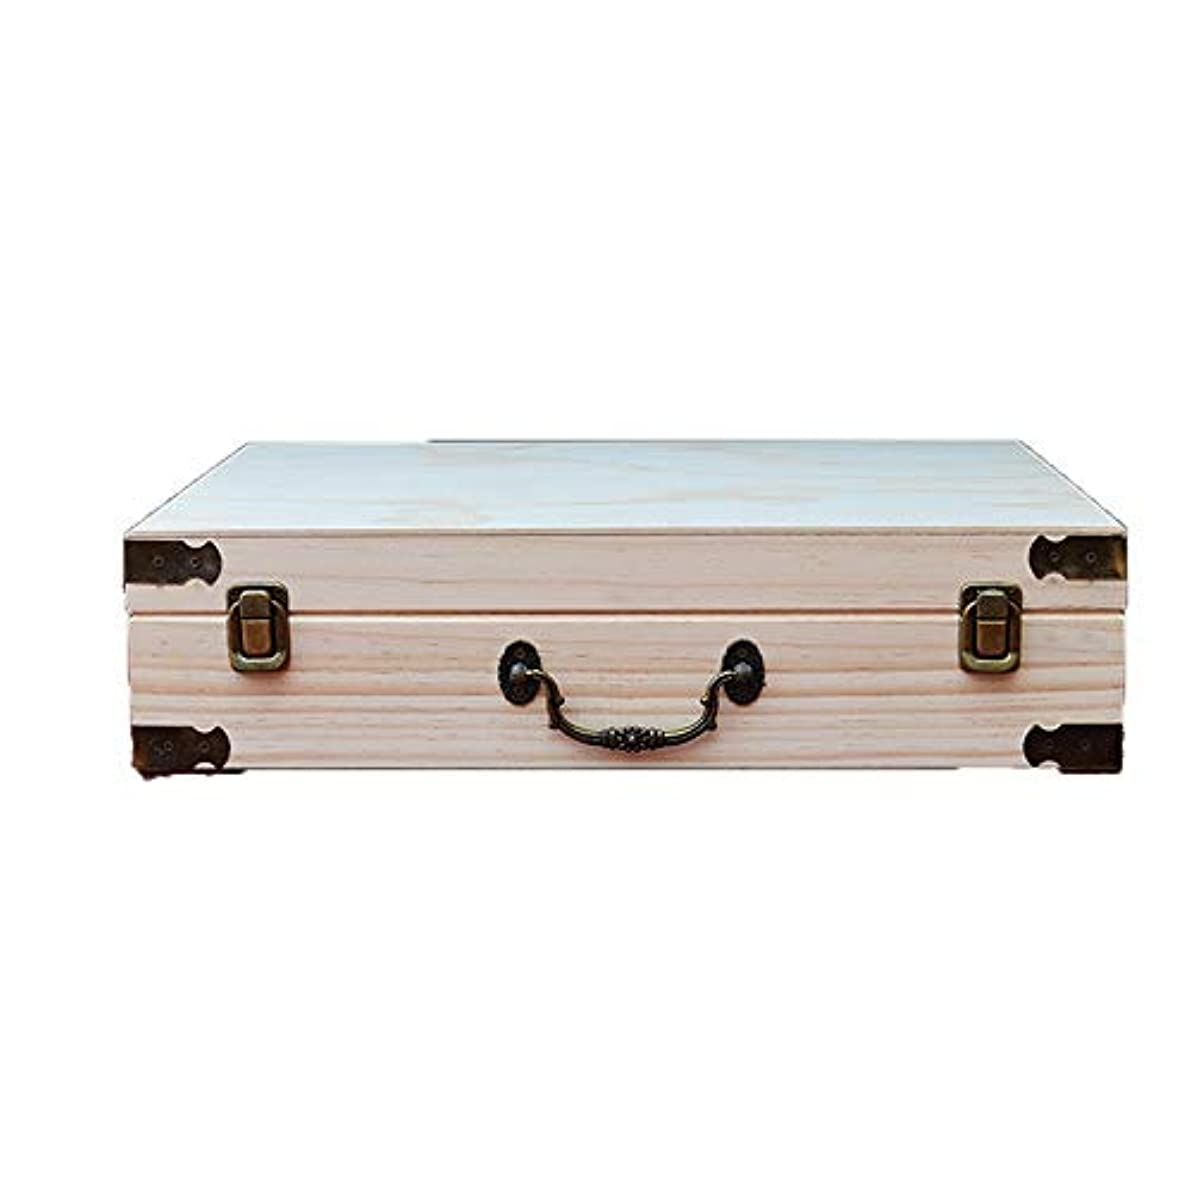 ジャズロデオ寛大なエッセンシャルオイルストレージボックス エッセンシャルオイル木製ボックスストレージが安全に油を維持するための60本のボトルベストを開催します 旅行およびプレゼンテーション用 (色 : Natural, サイズ : 41X32.5X10.5CM)